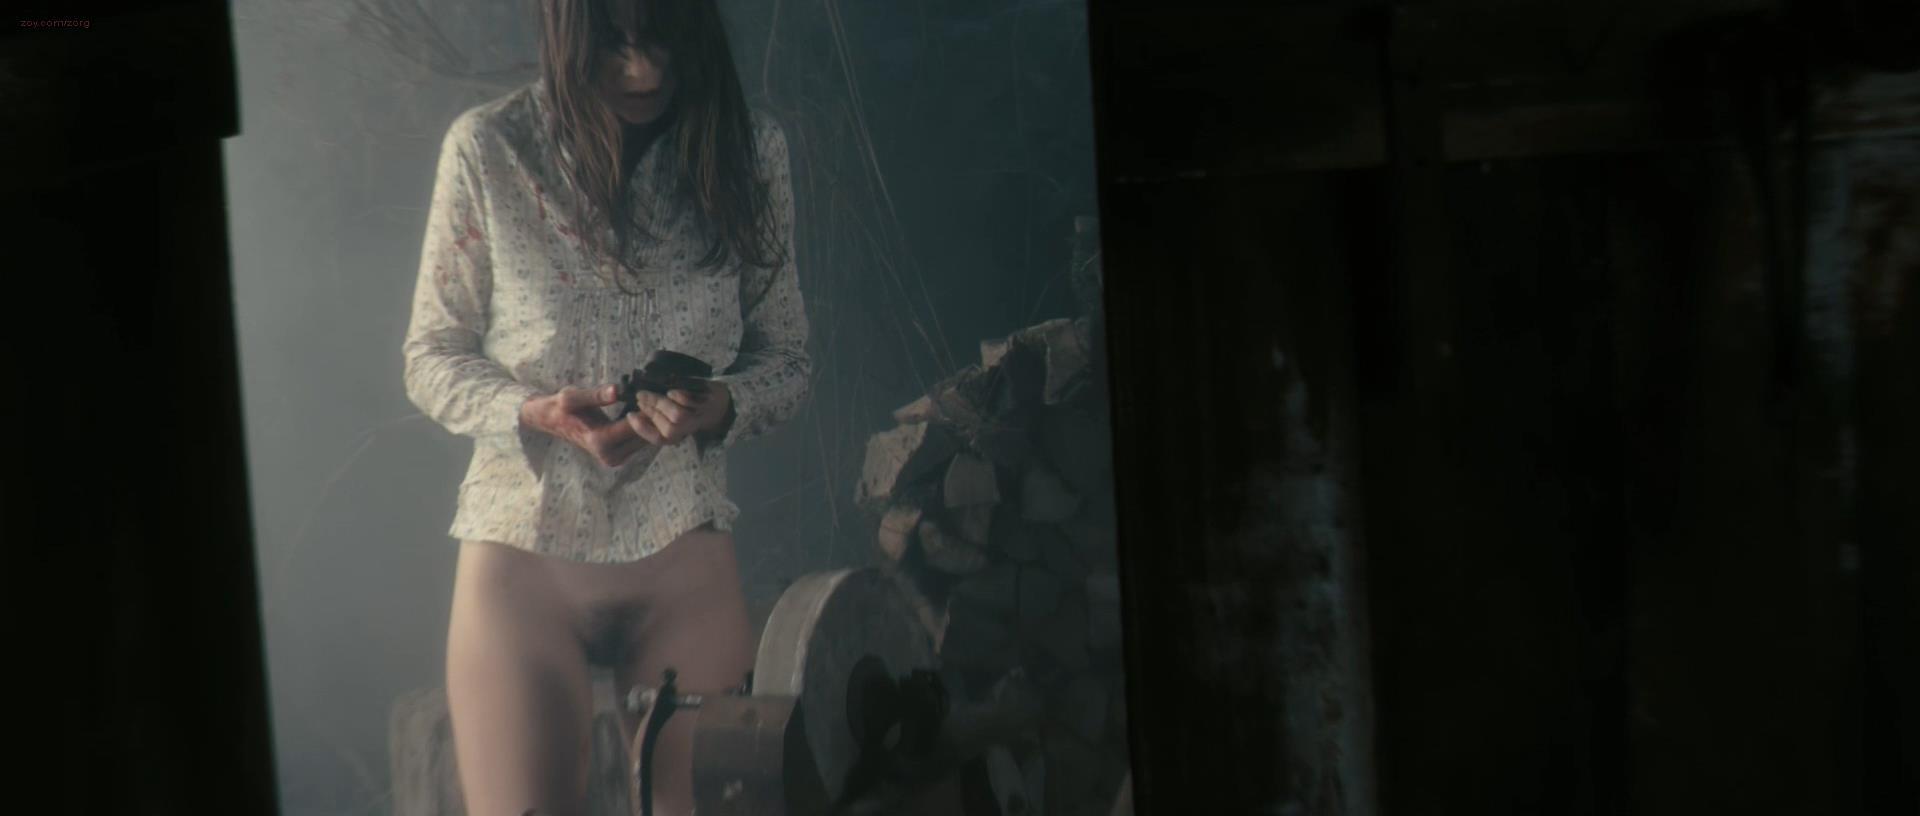 Scene antichrist sex 15 Weird